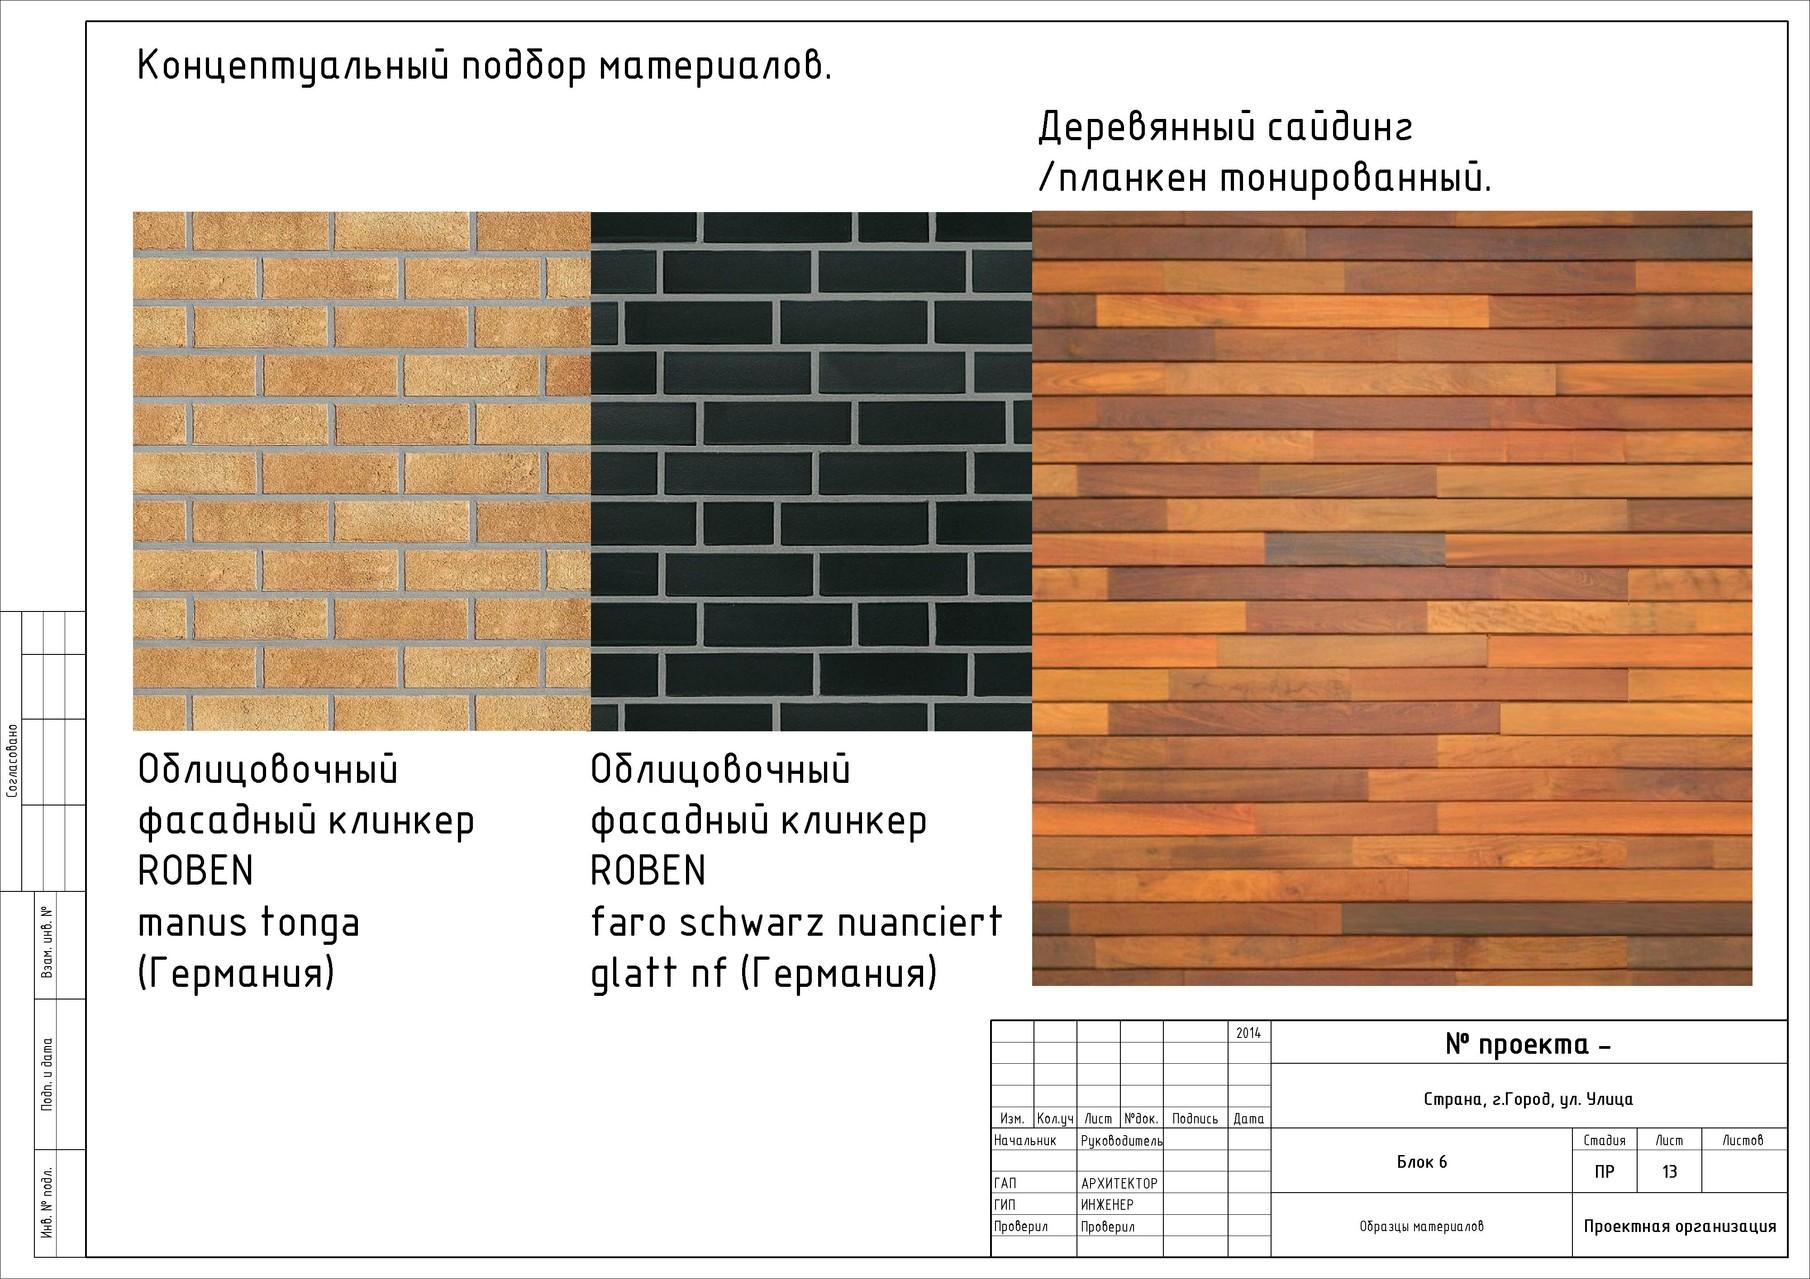 Подбор материалов для оформления фасадов таунхауса